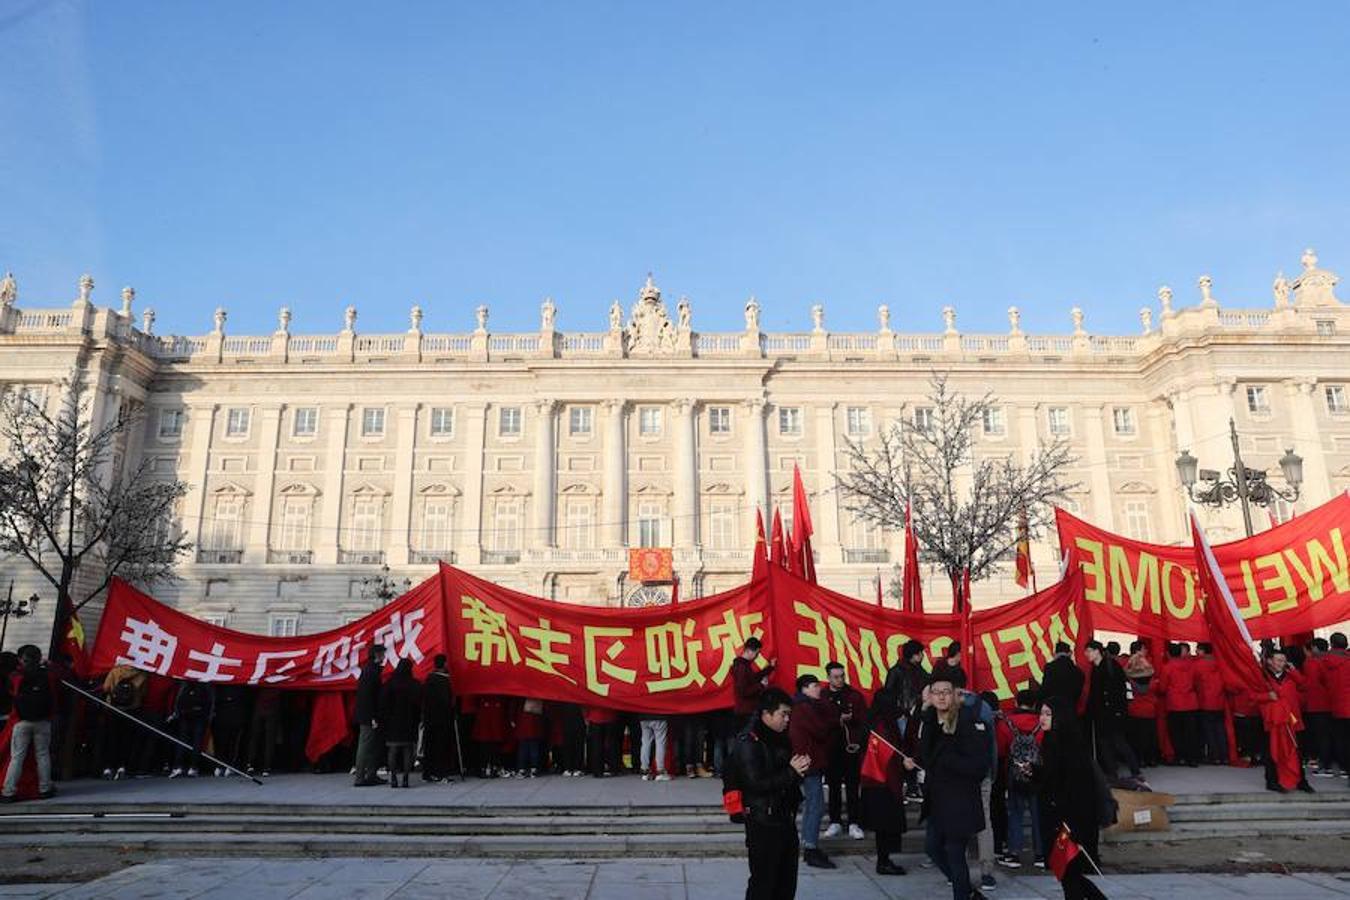 Numerosas personas pertenecientes a la comunidad china en España esperan la llegada del presidente chino